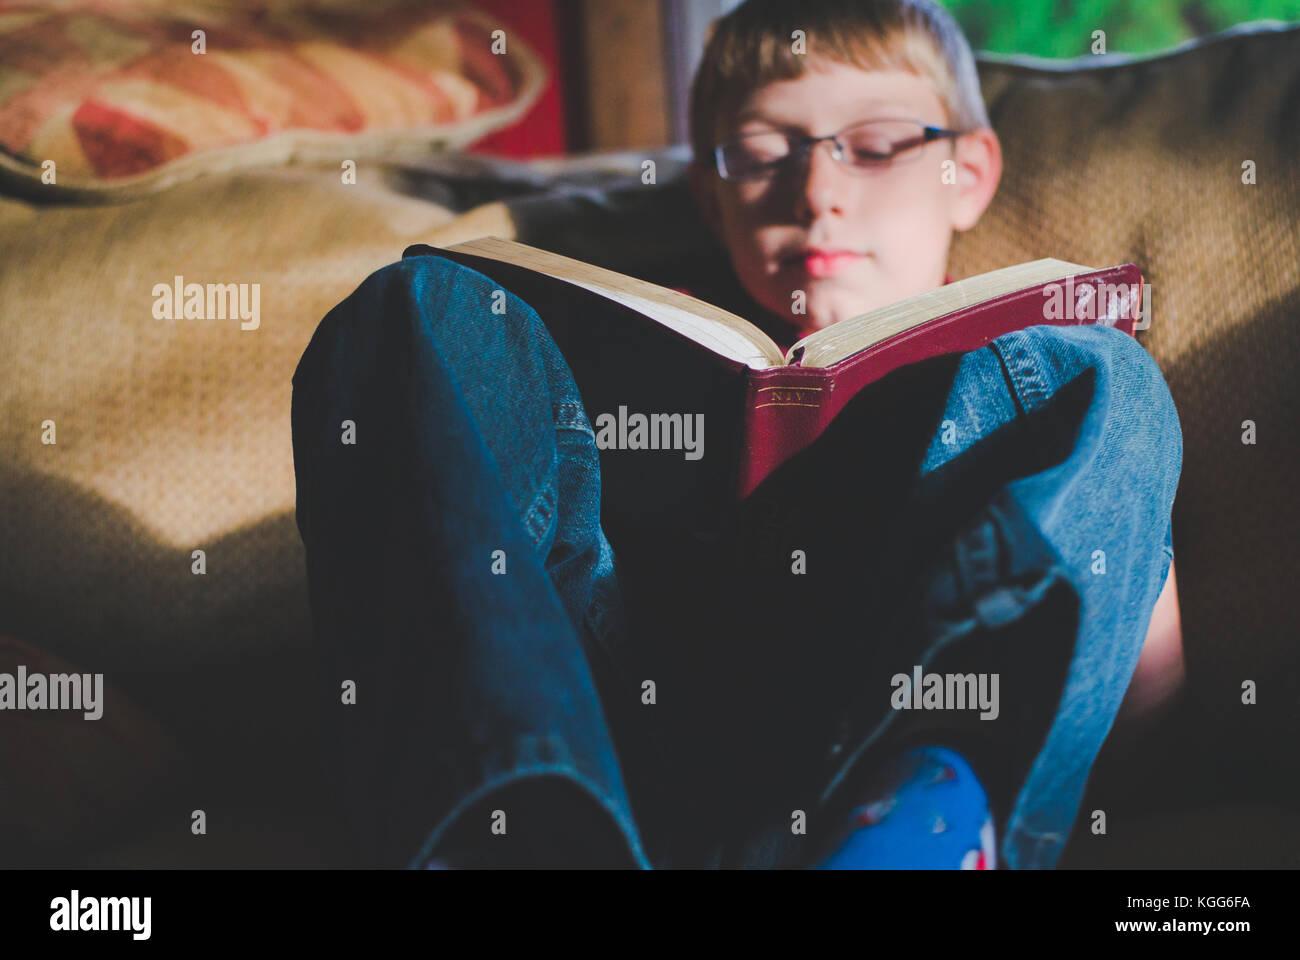 10-11 Jahre alter Junge, ein Buch zu lesen Stockfoto